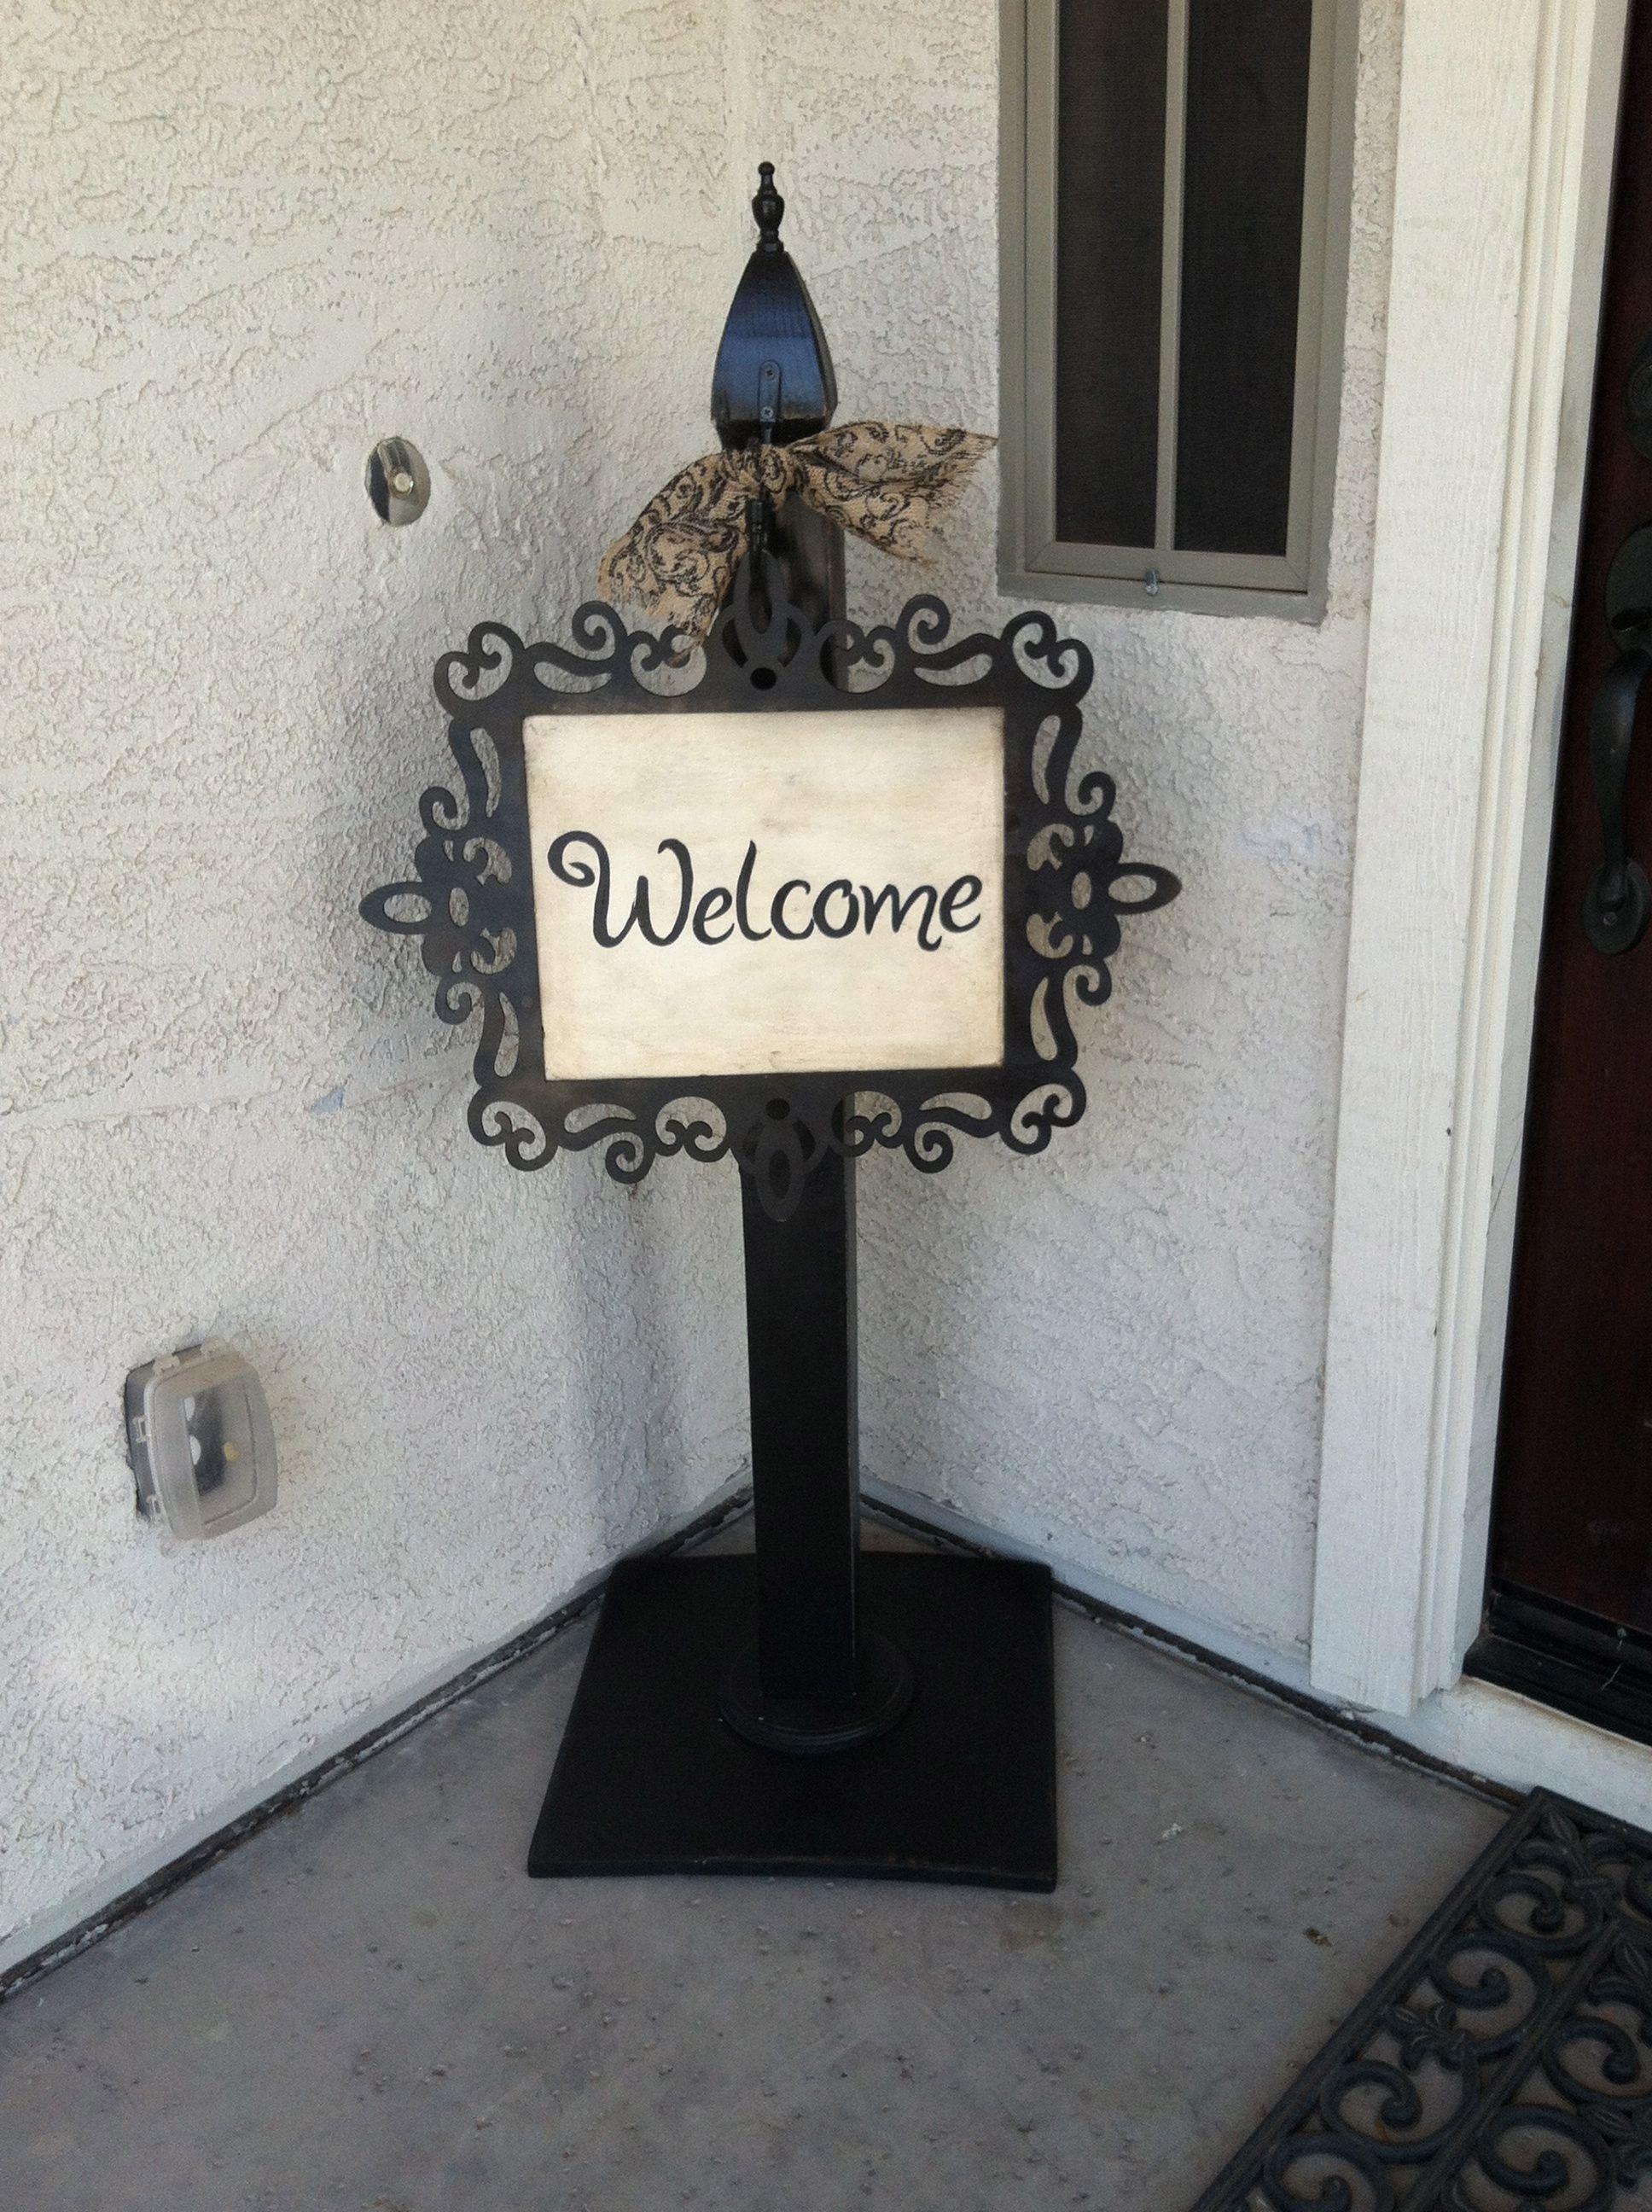 Casa de vohn new sign love it